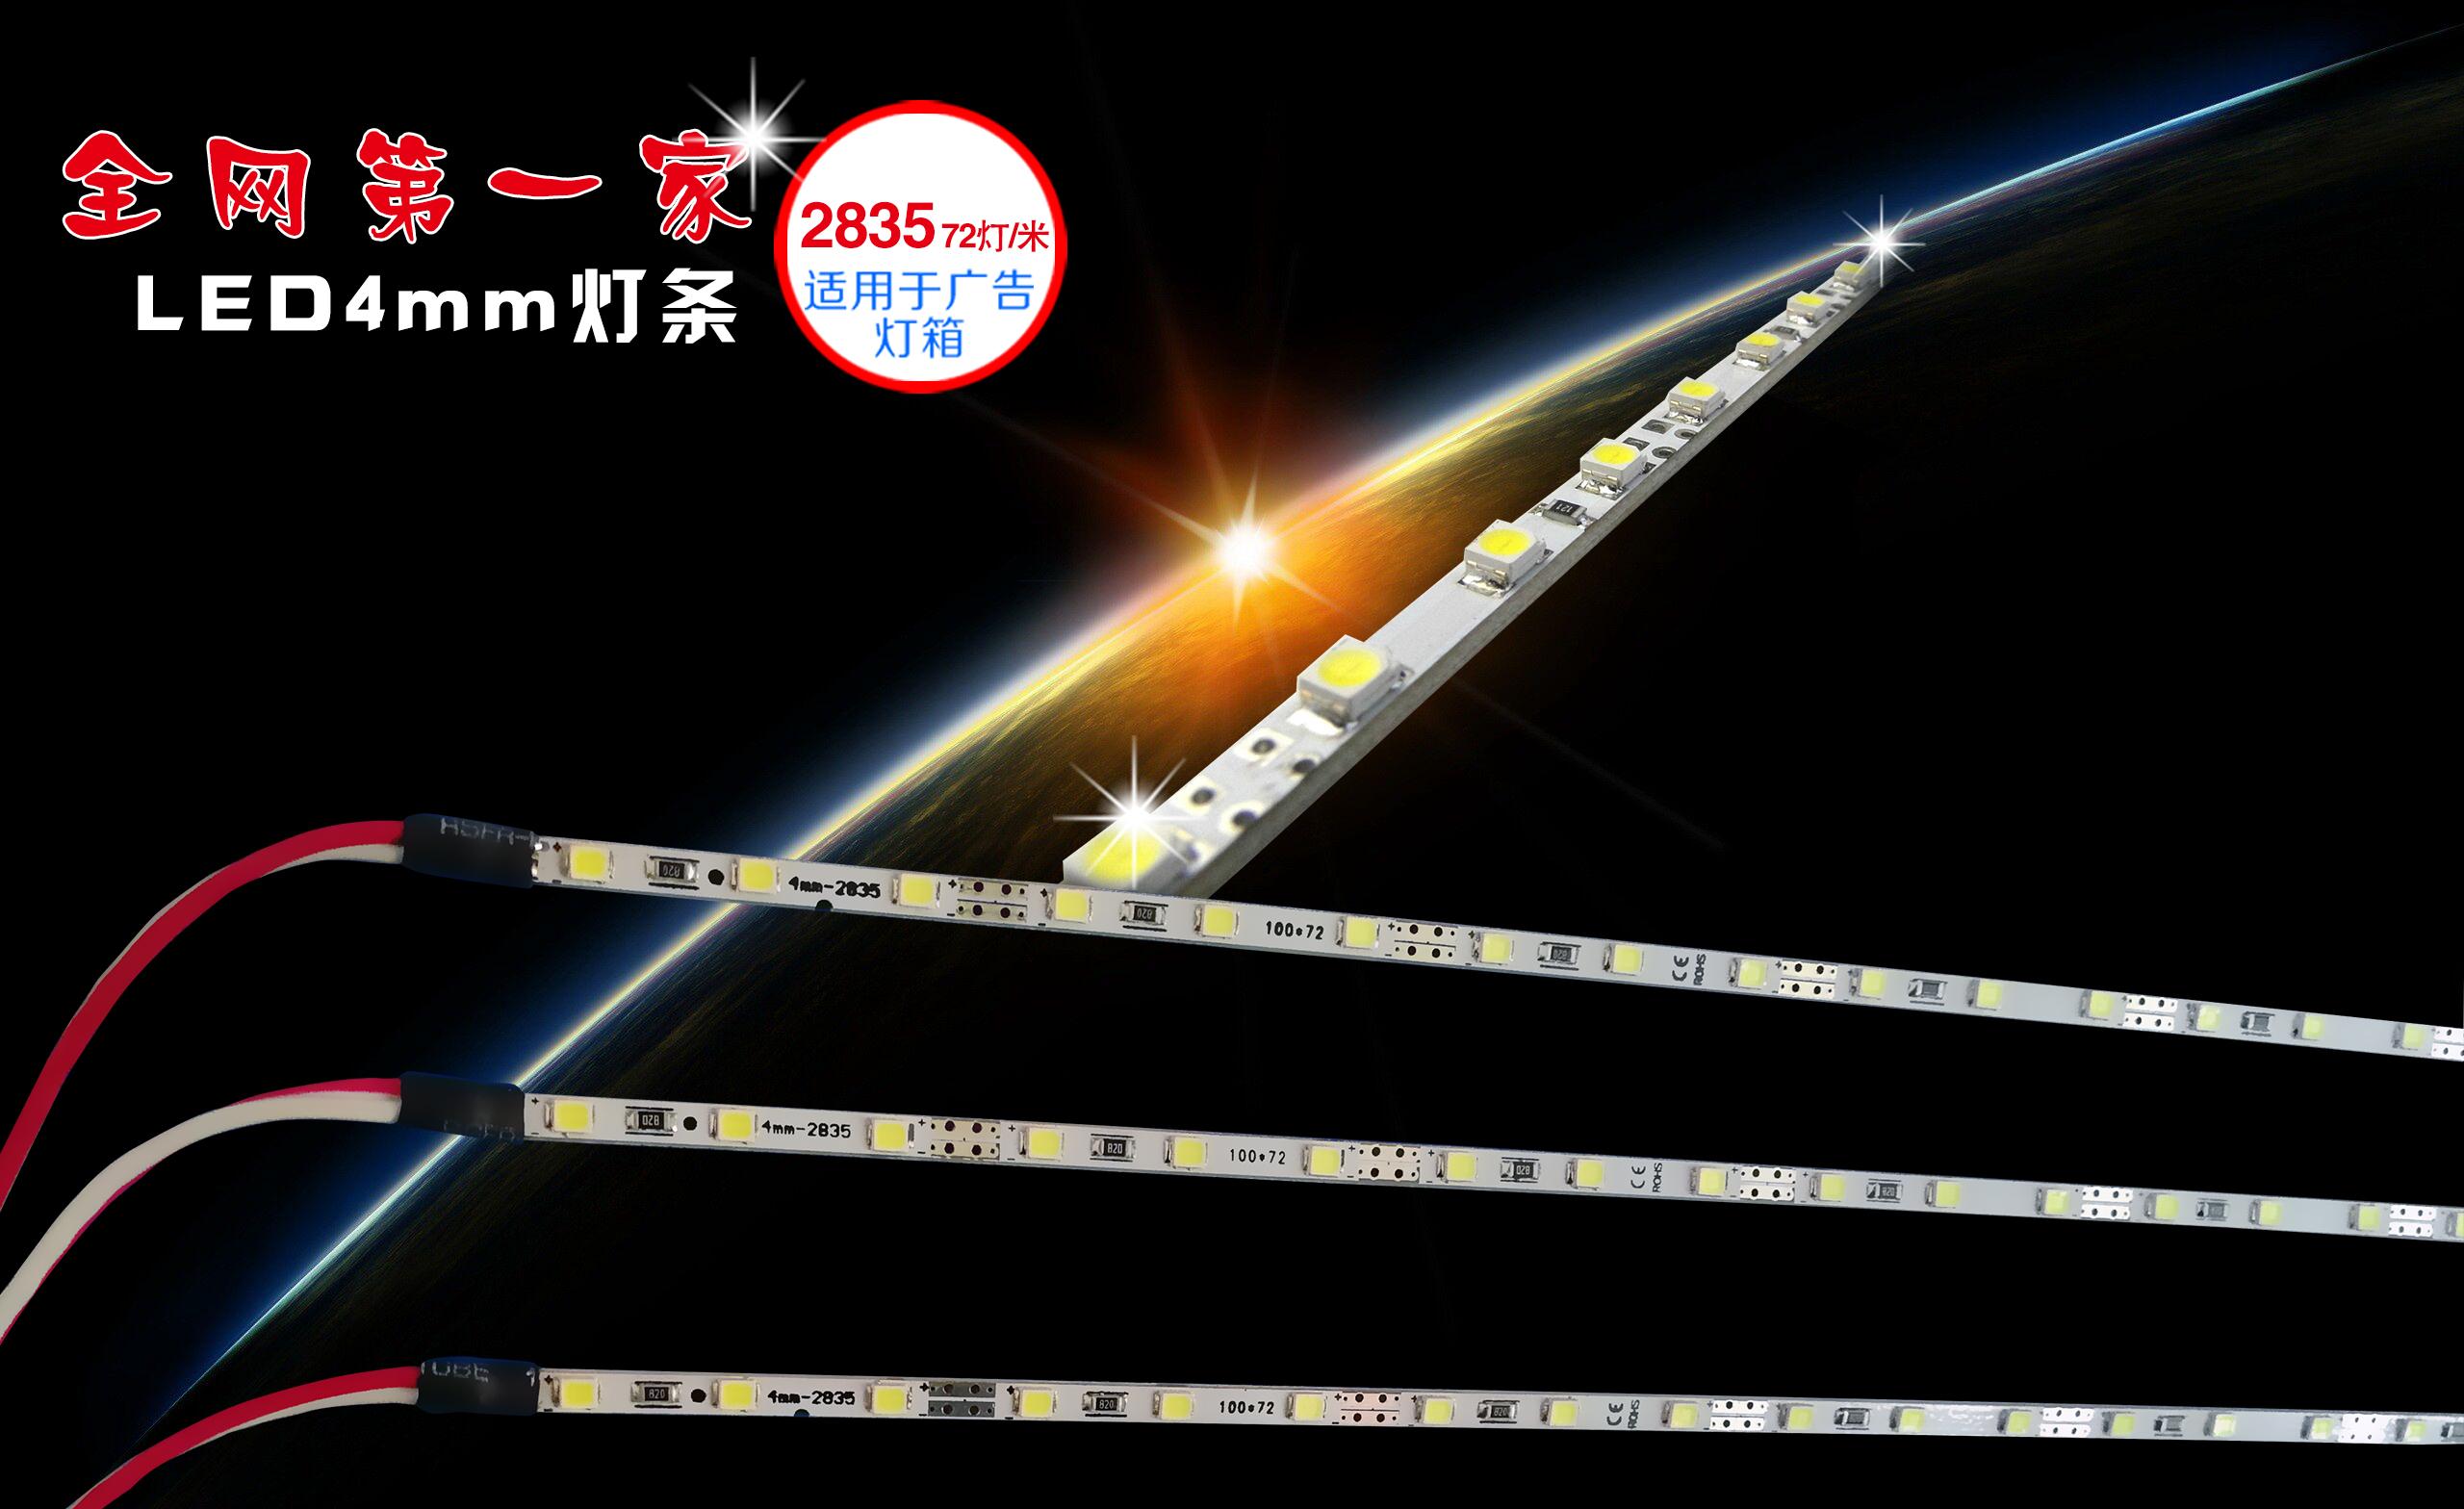 2835贴片,LED硬灯条90灯,(宽度仅4MM)背光灯带超薄广告灯箱用 LED硬灯条90灯